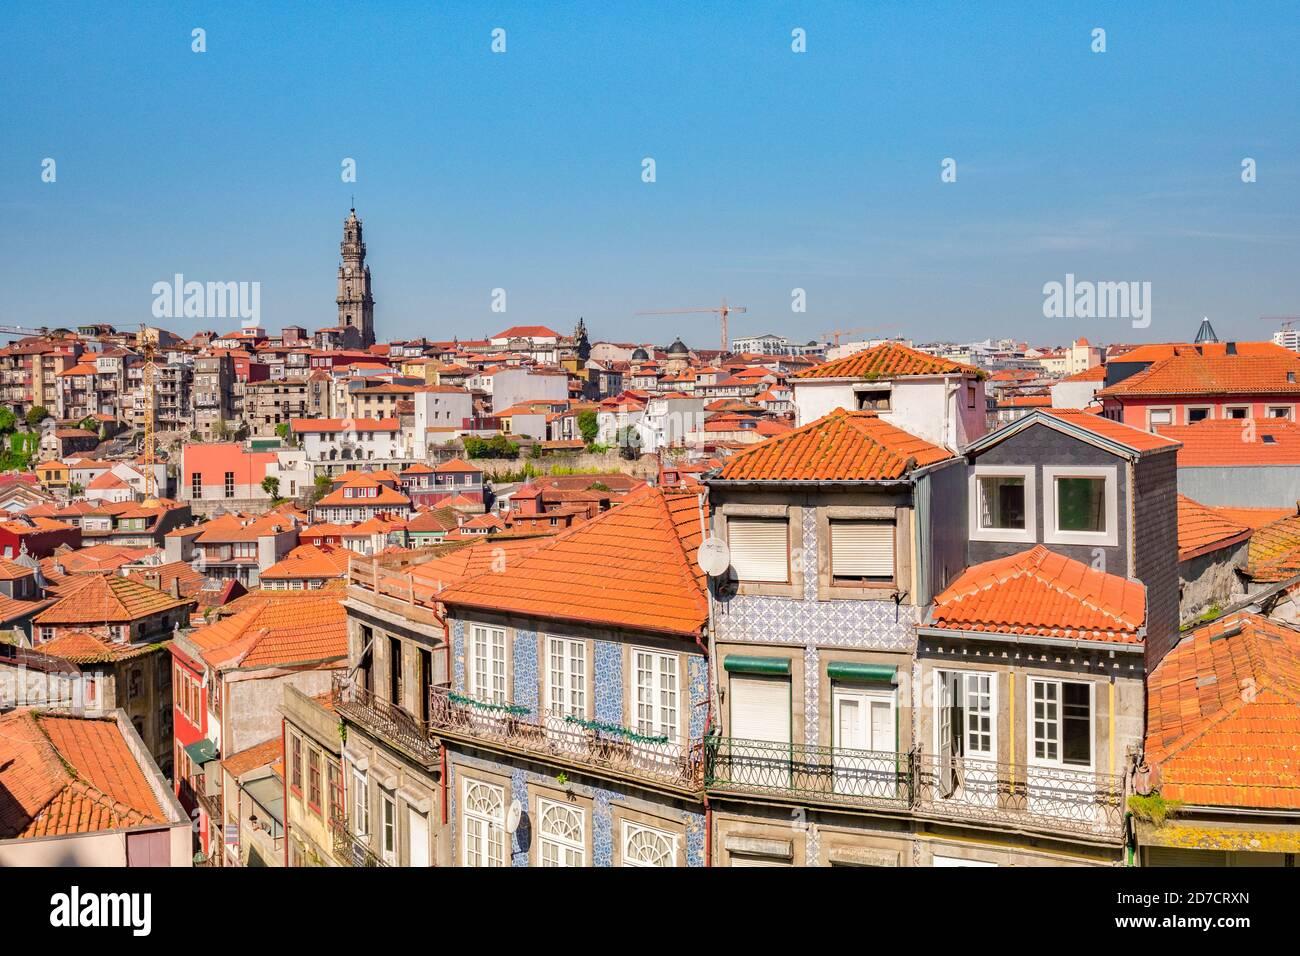 Vista a través de los tejados de Porto, Portugal, en un buen día de primavera. El horizonte está dominado por la torre de la Igreja dos Clérigos, la Iglesia de Foto de stock